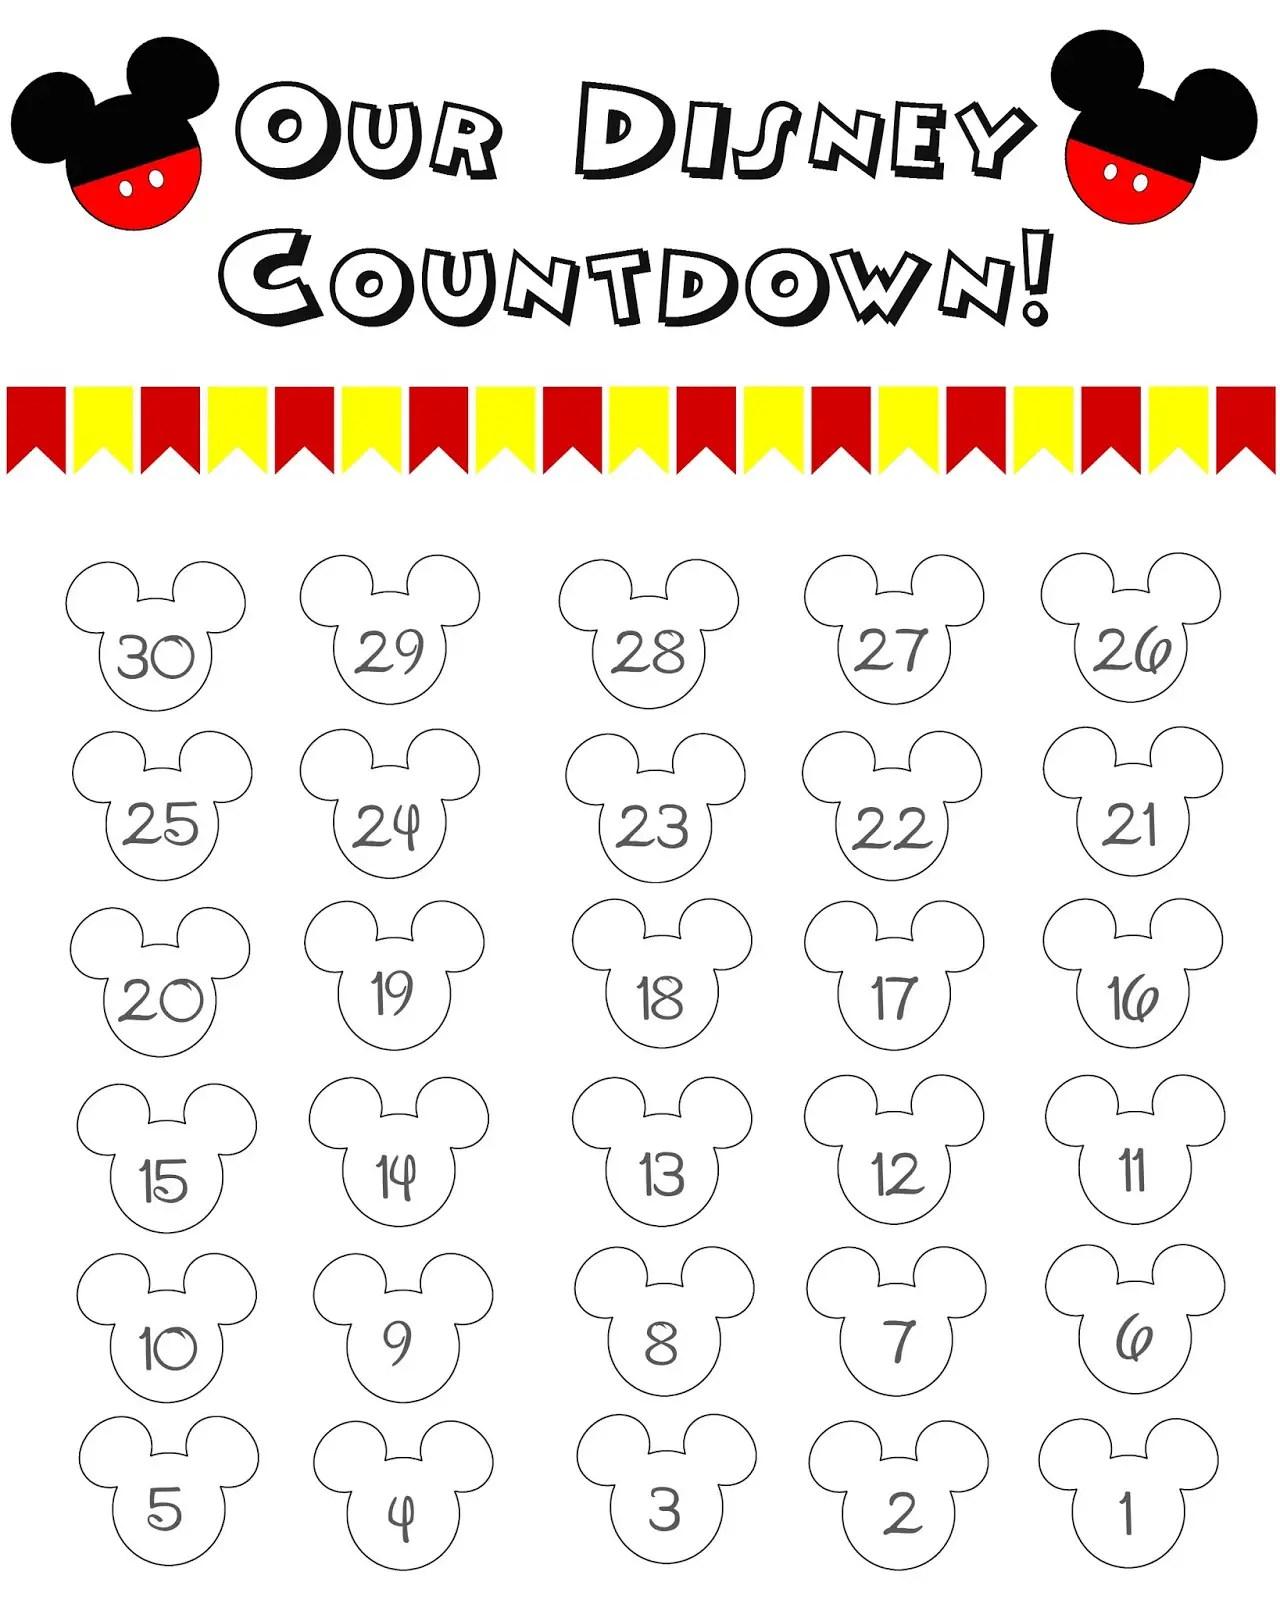 10 Fun Printable Disney Countdown Calendars